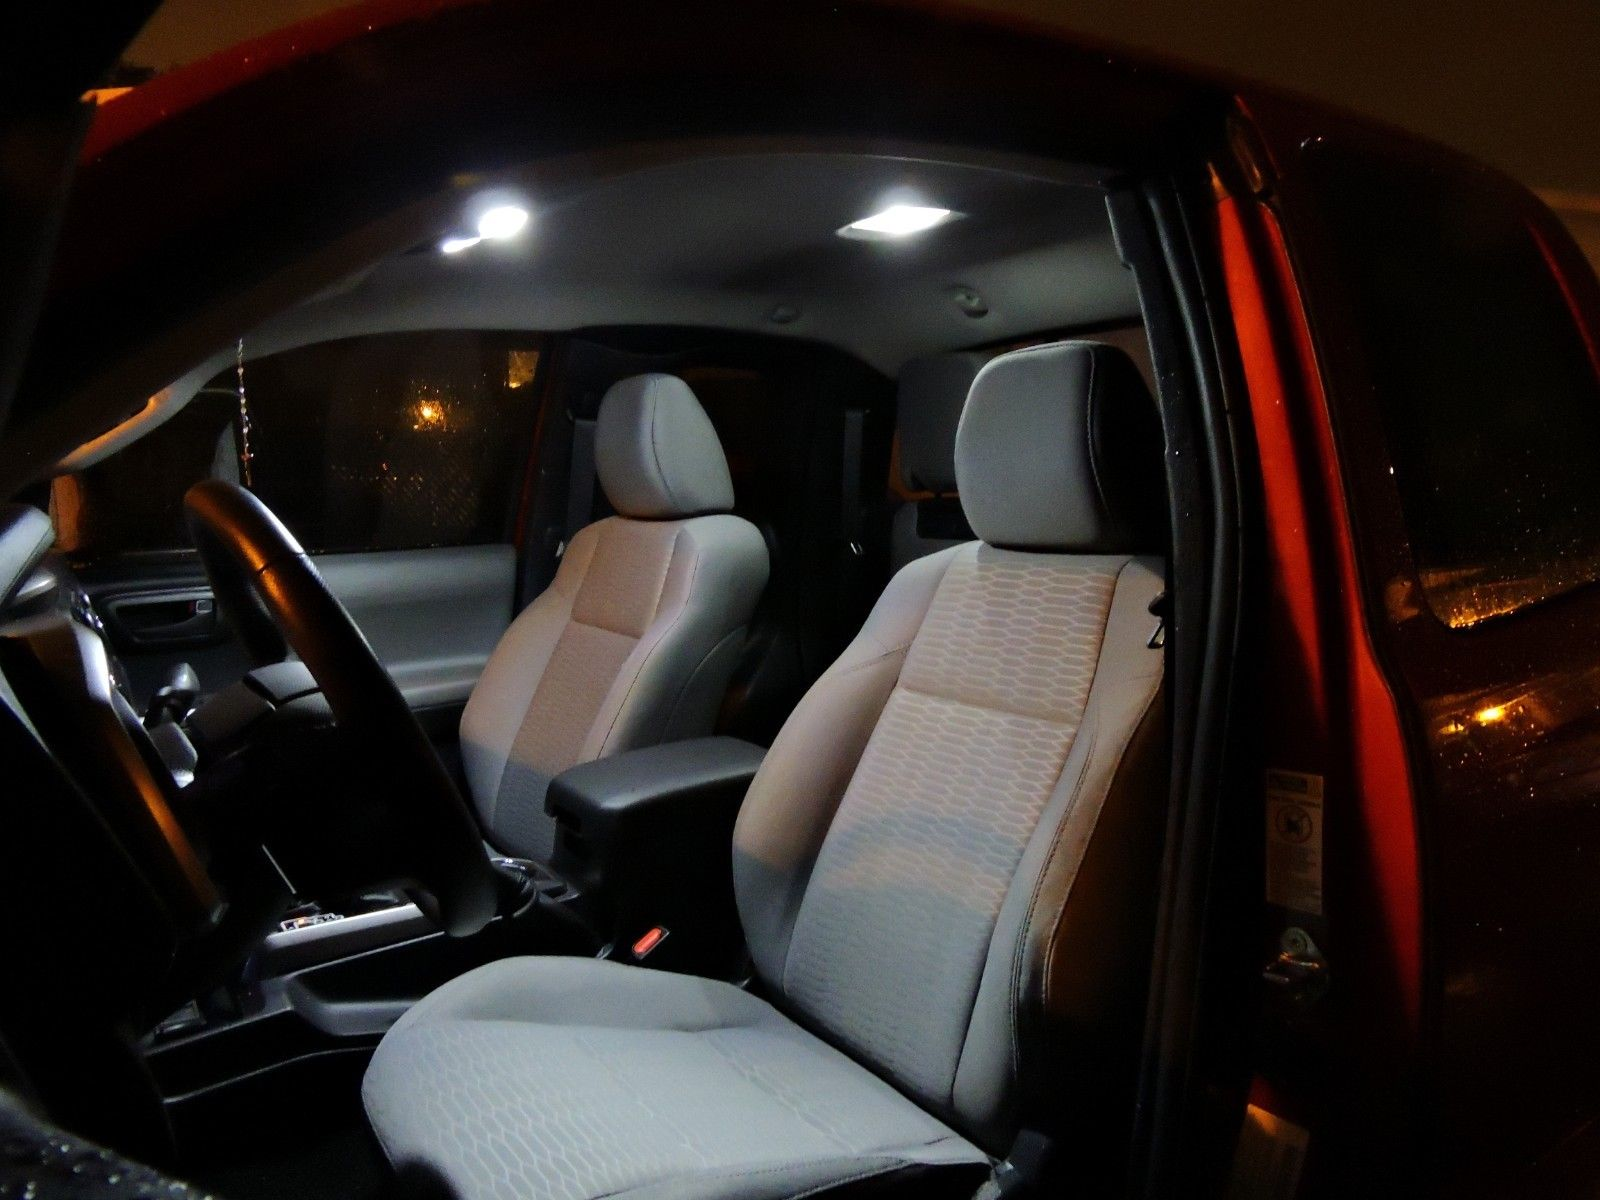 Amazing 2016 2019 toyota tacoma interior led light kit sr - Toyota tacoma led interior lights ...